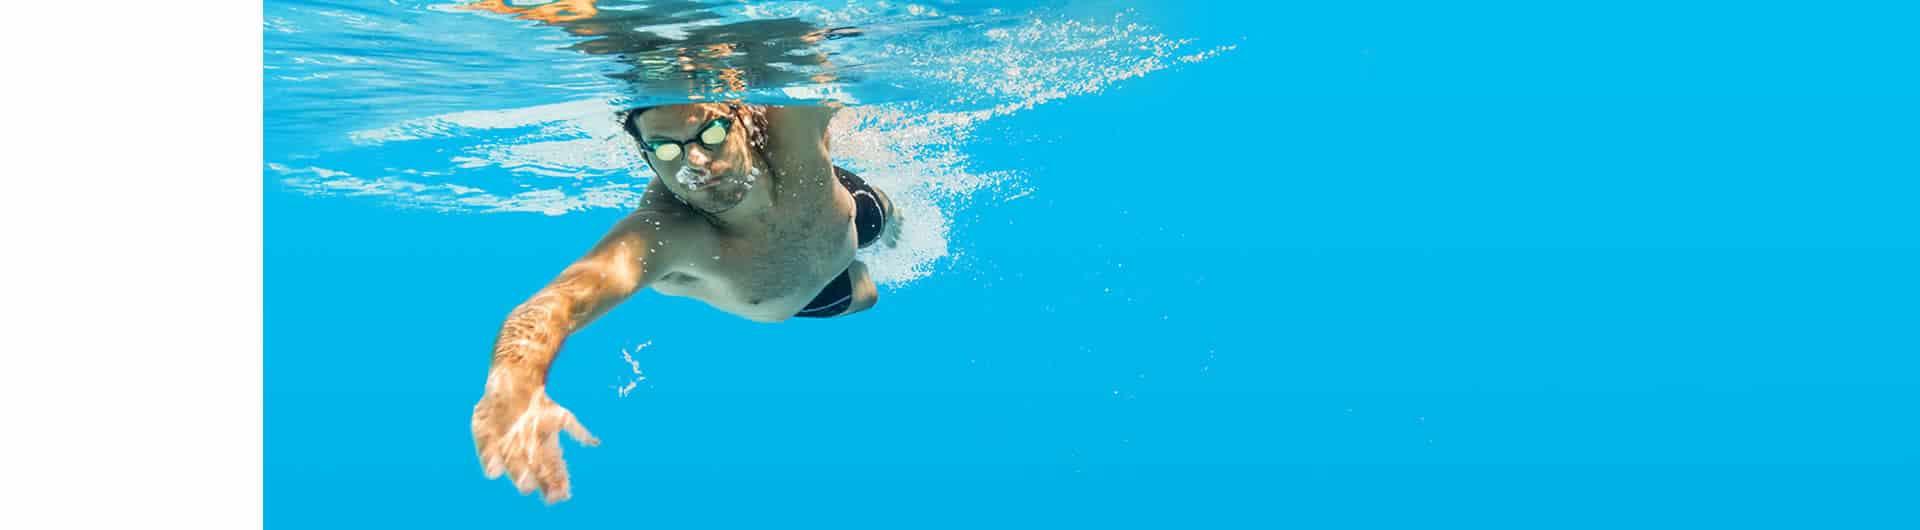 Versicherungen: Berufshaftpflicht für Schwimmlehrer